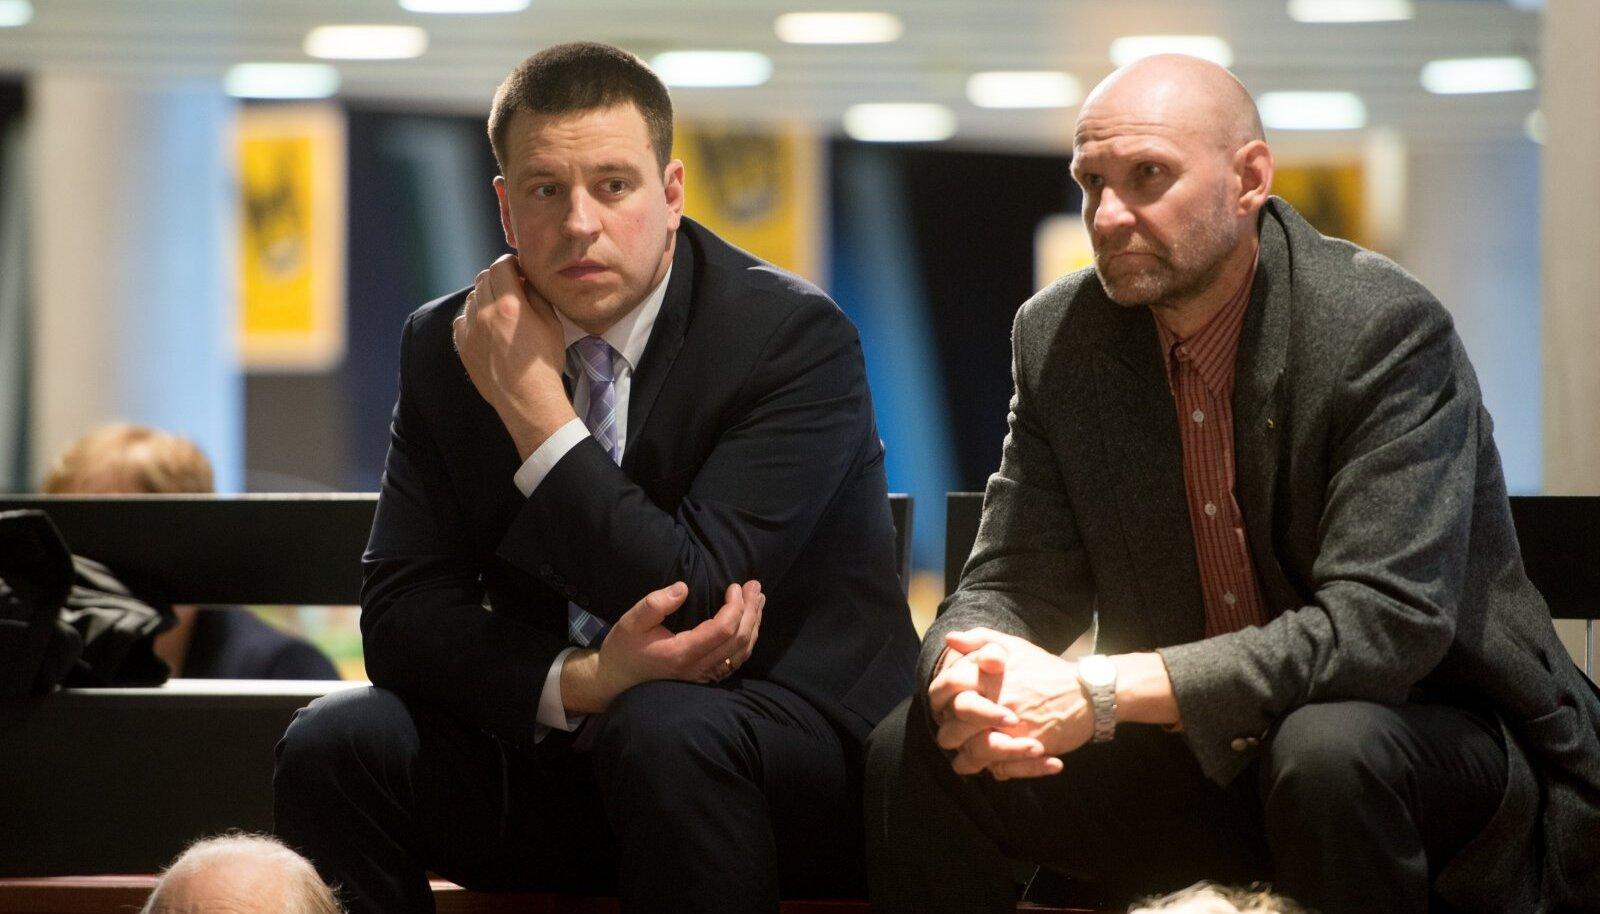 Keskerakonna esimees Jüri Ratas (vasakul) ja Isamaa juht Helir-Valdor Seeder pole koalitsioonis oldud ajaga suutnud praegust võimuliidu varianti oma valijate hulgas ülekaalukalt eelistatuimaks muuta.